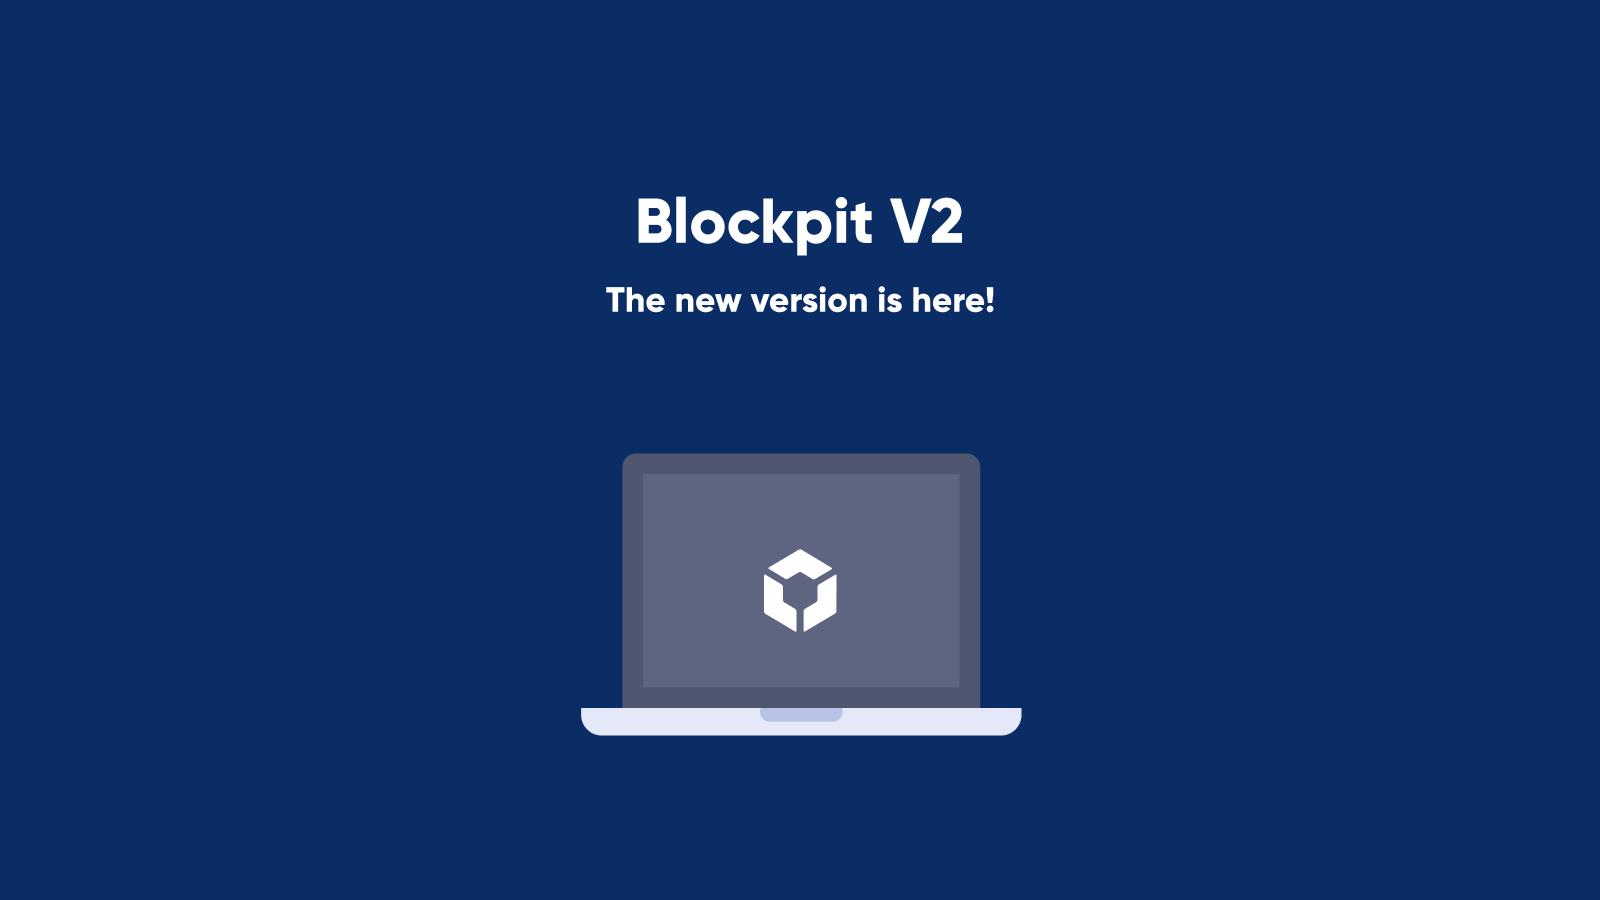 Die neuen Funktionen der Blockpit v2